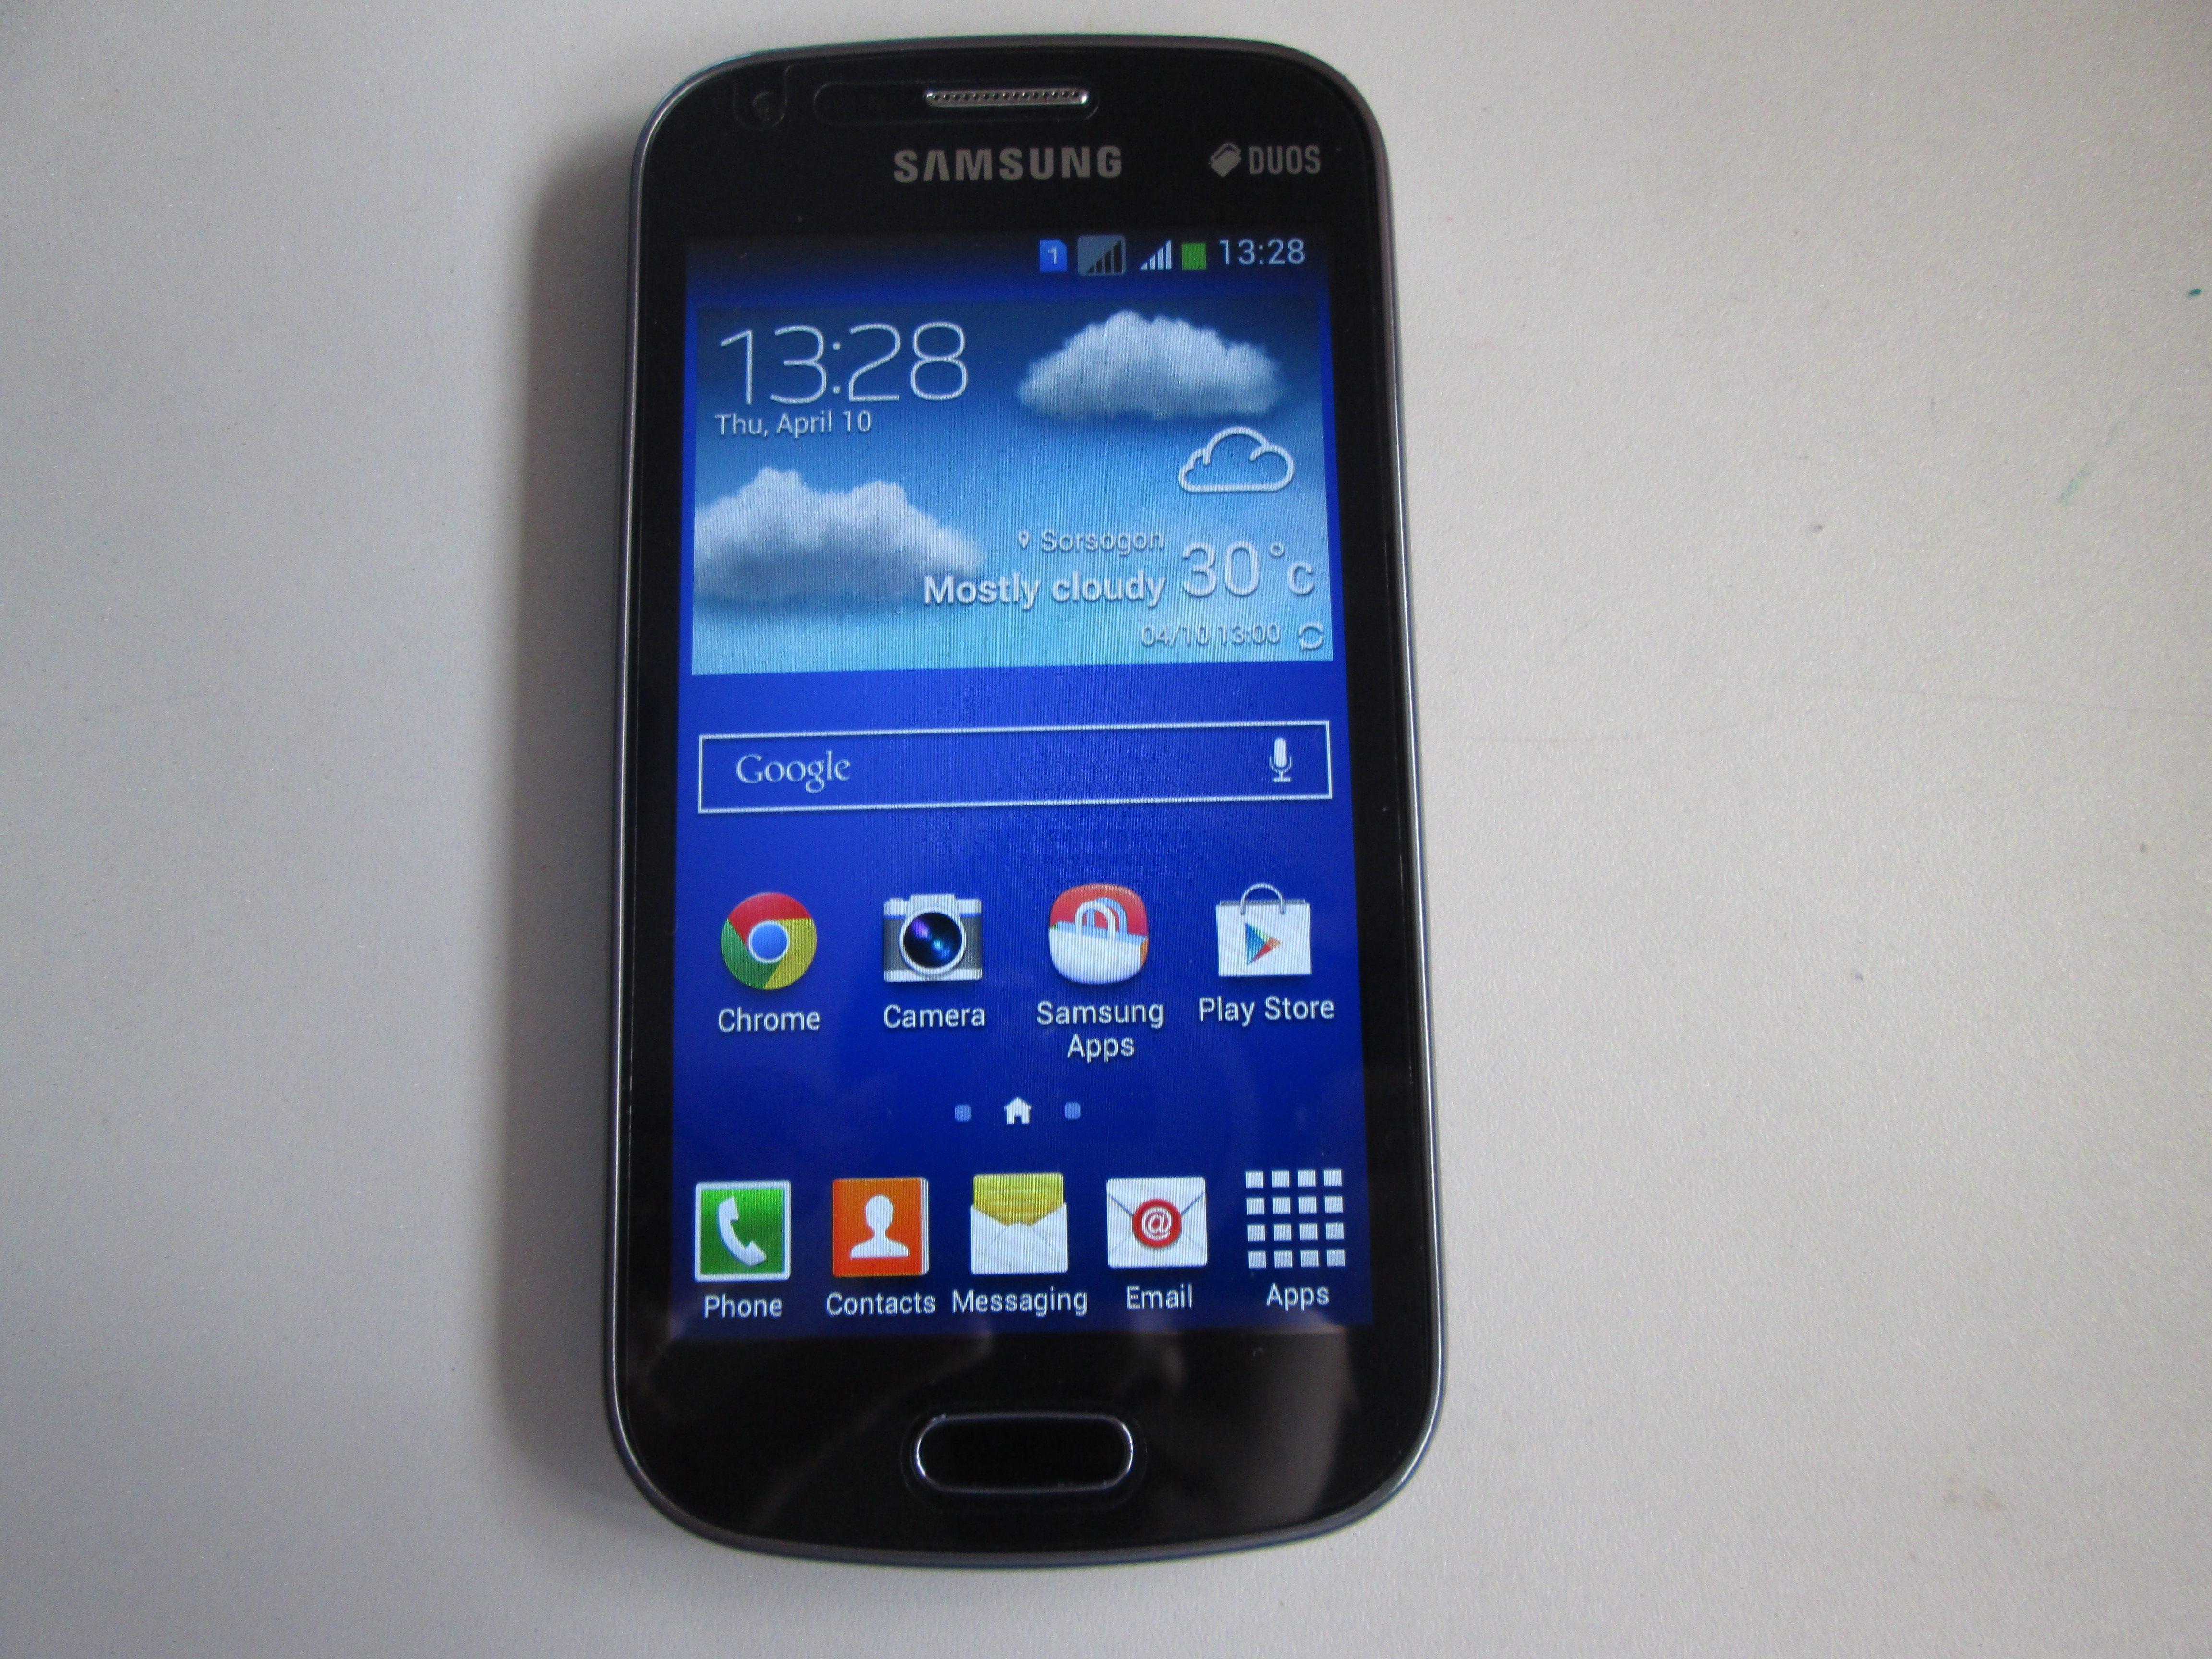 Samsung Gear 2 Lite Agréable Samsung Galaxy S Duos 2